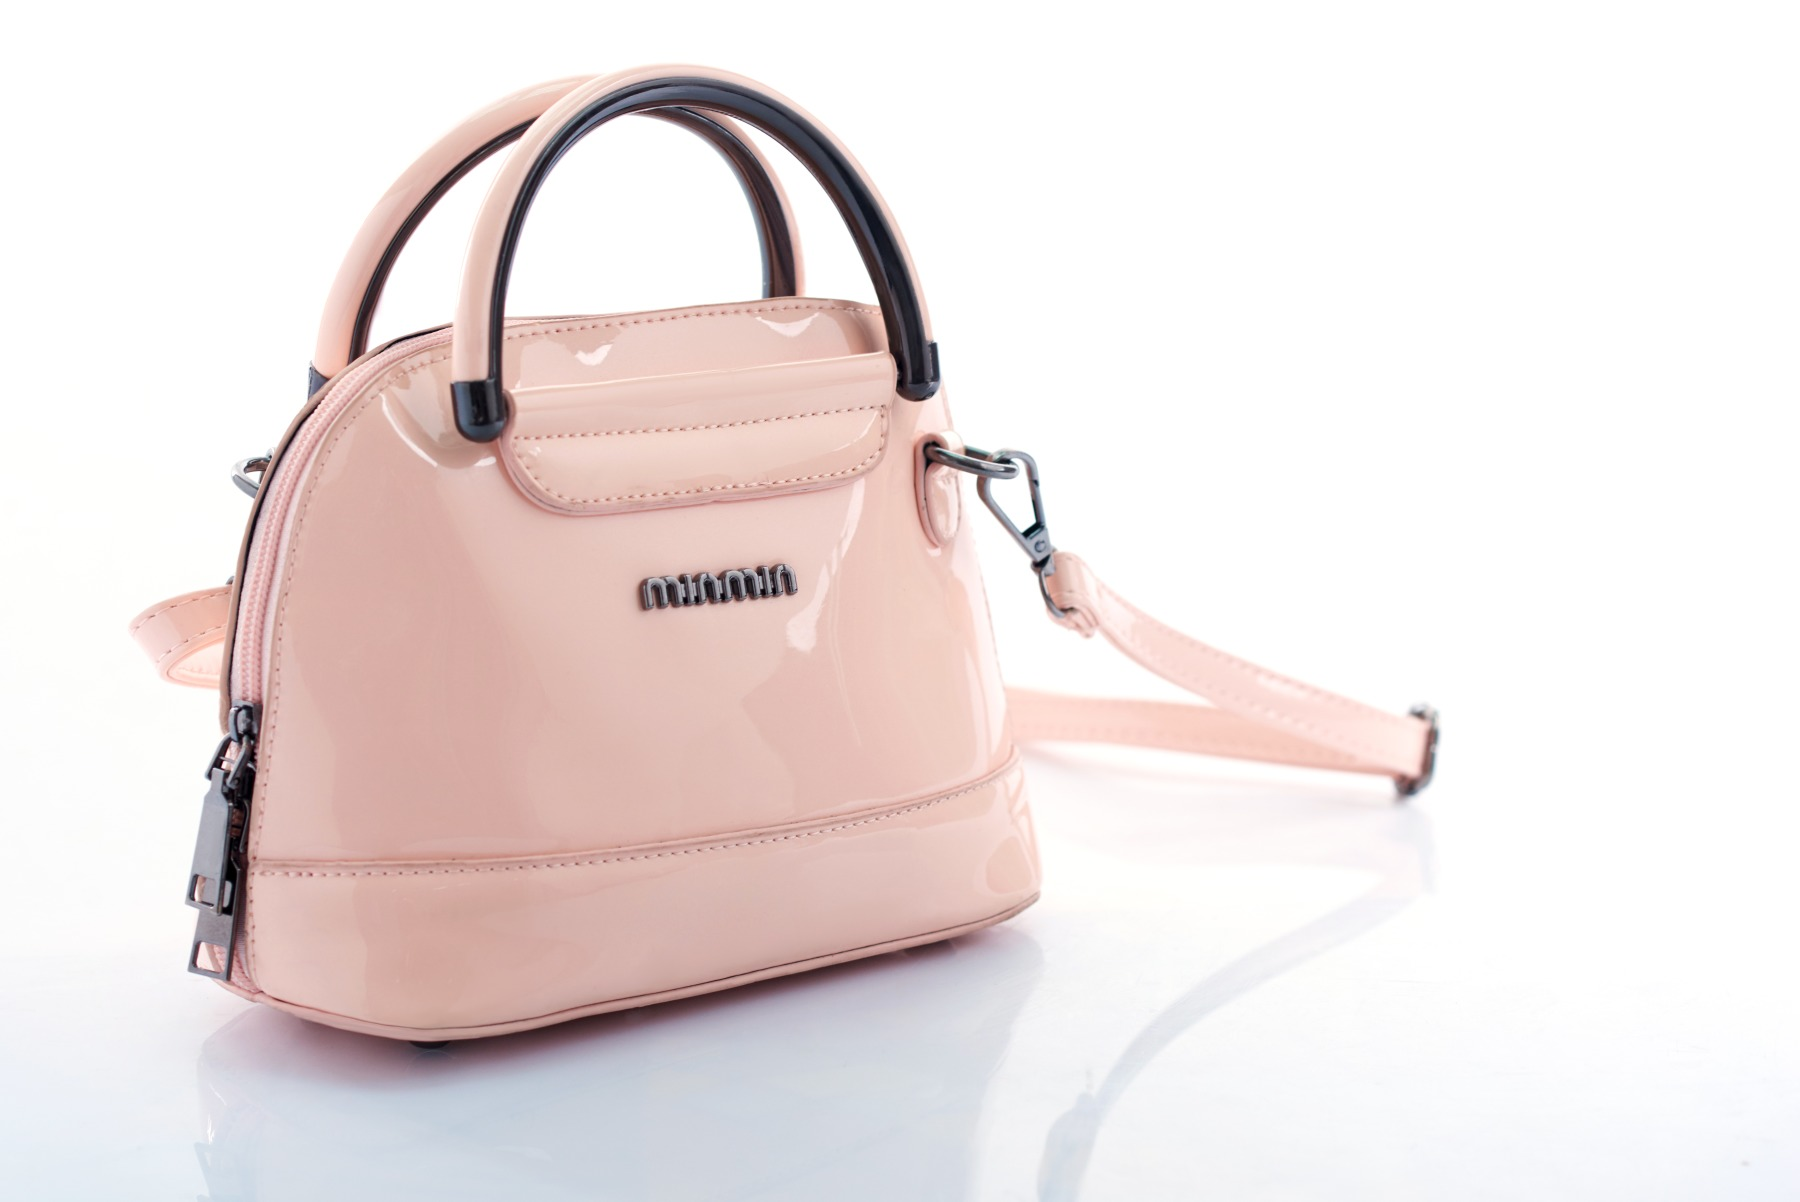 Жіноча сумка MinMin Beige купити недорого в магазині Копійочка b4dbe78e597fc